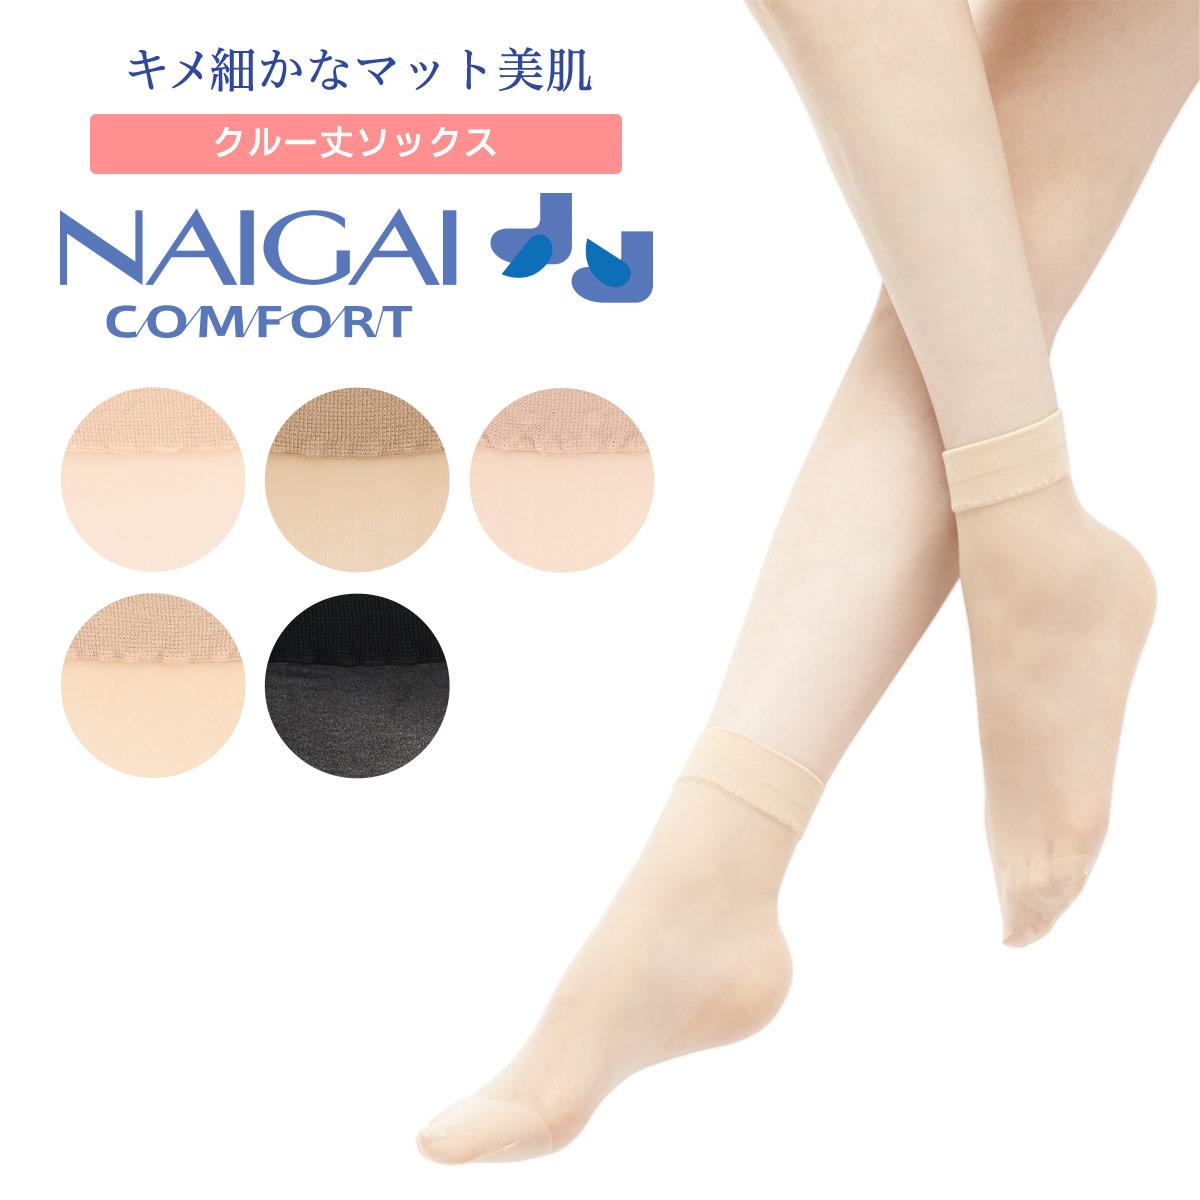 NAIGAI COMFORT ナイガイ コンフォート レディース 履き口ゆったり リラックス ショート丈 ストッキング靴下 パンストソックス 1005006【ゆうパケット・6点まで】